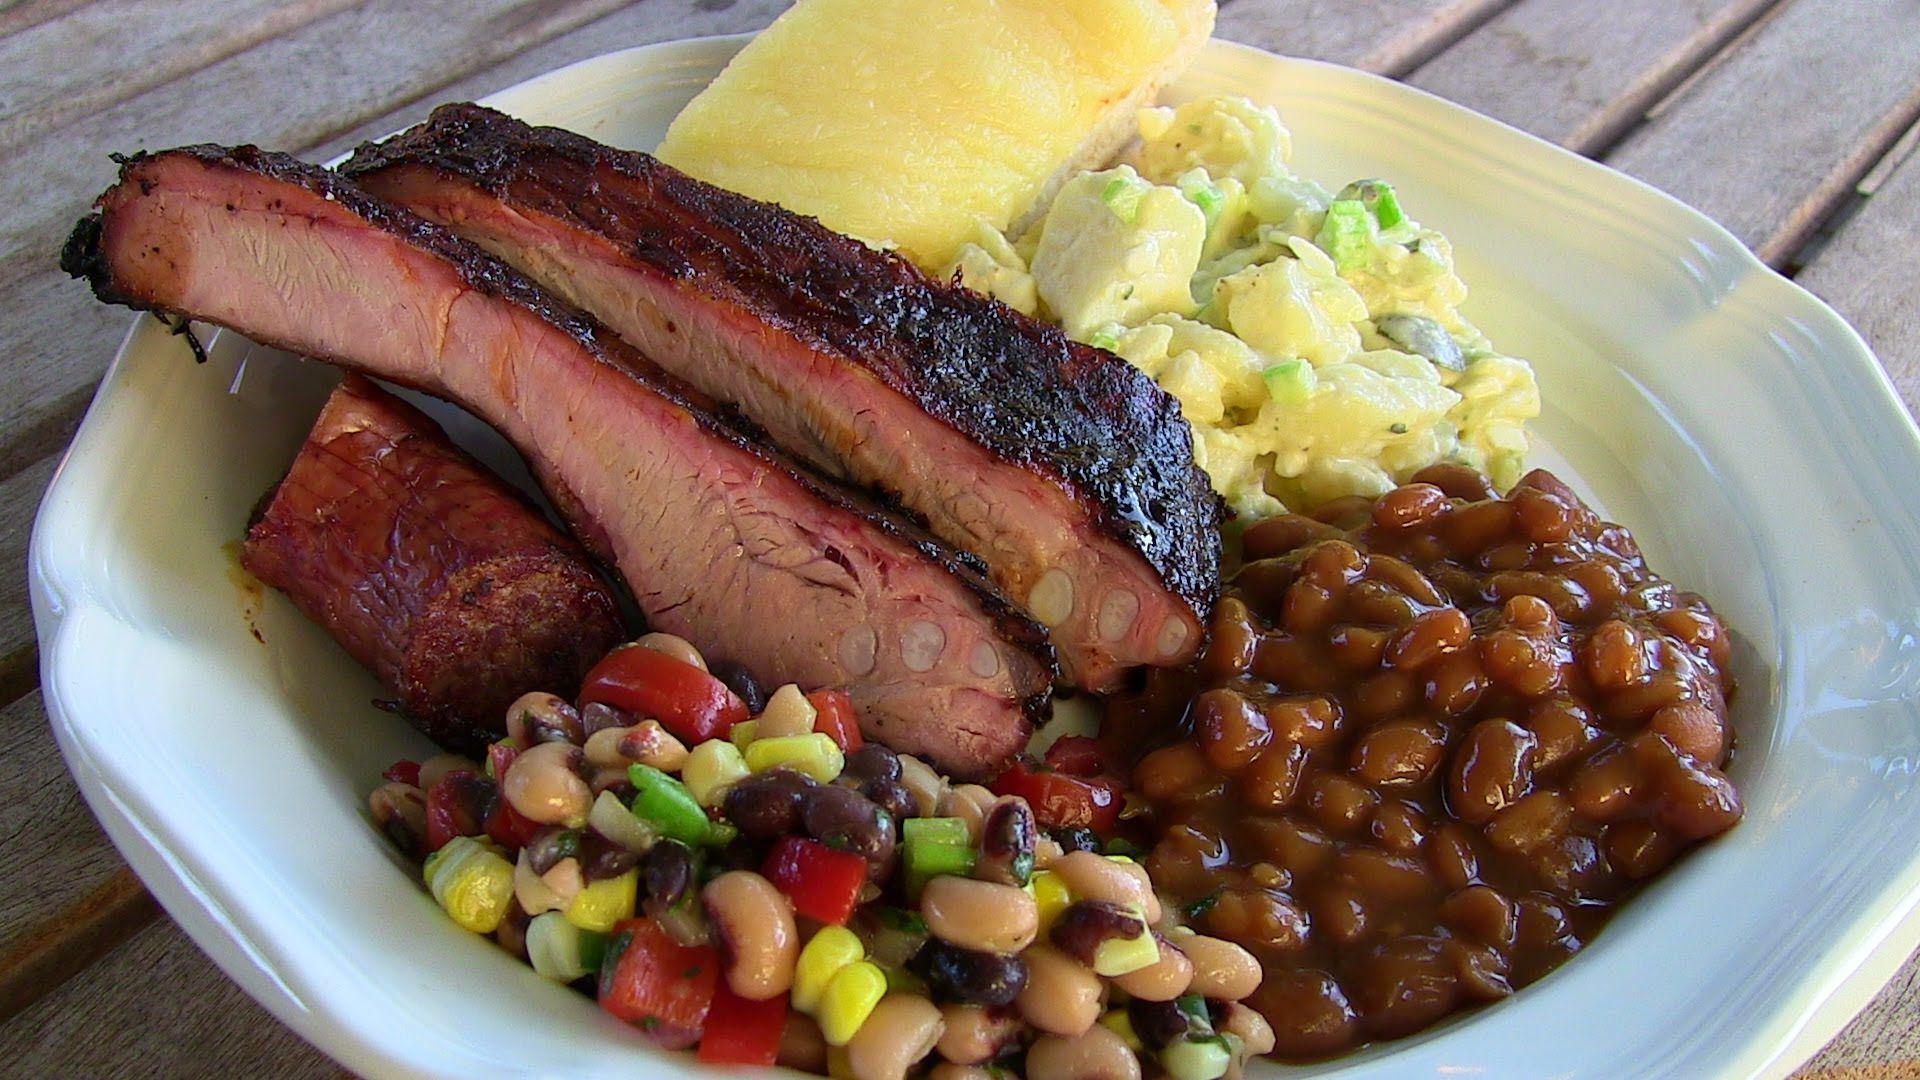 Texas Barbecue Pork 4k